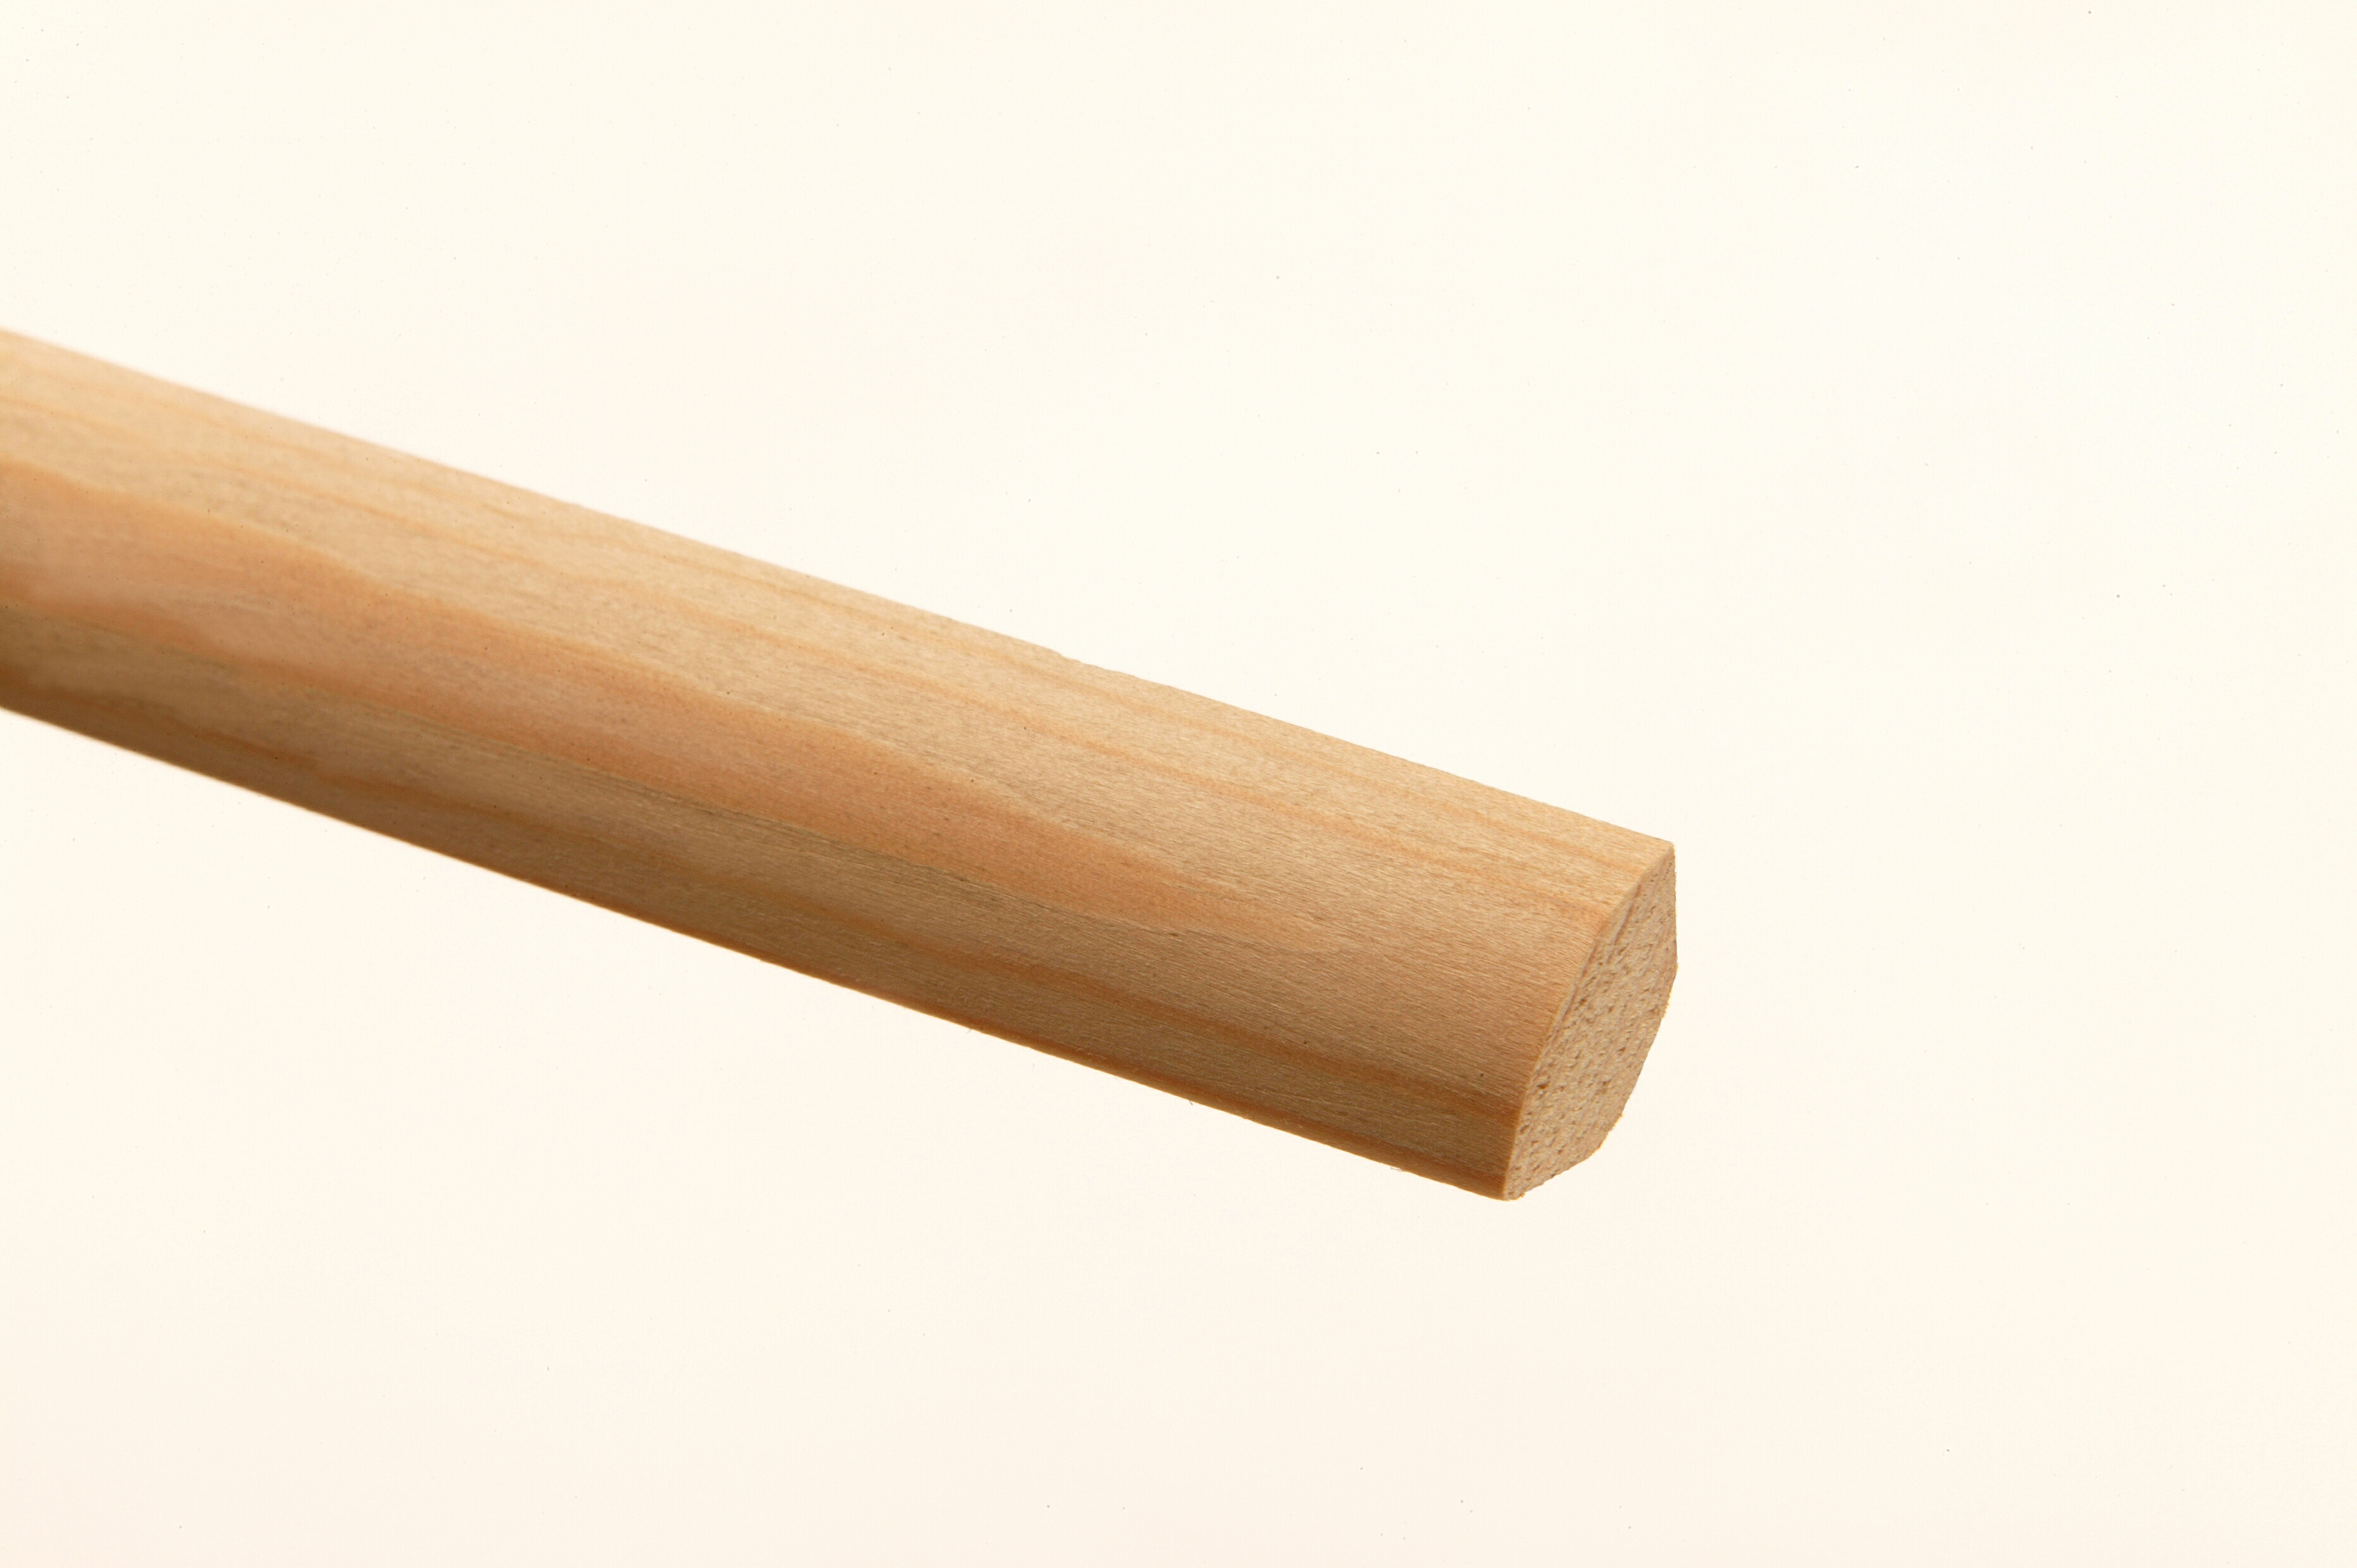 24 Pine Back-Off Quadrant Mouldings 16 x 16 x 2400mm